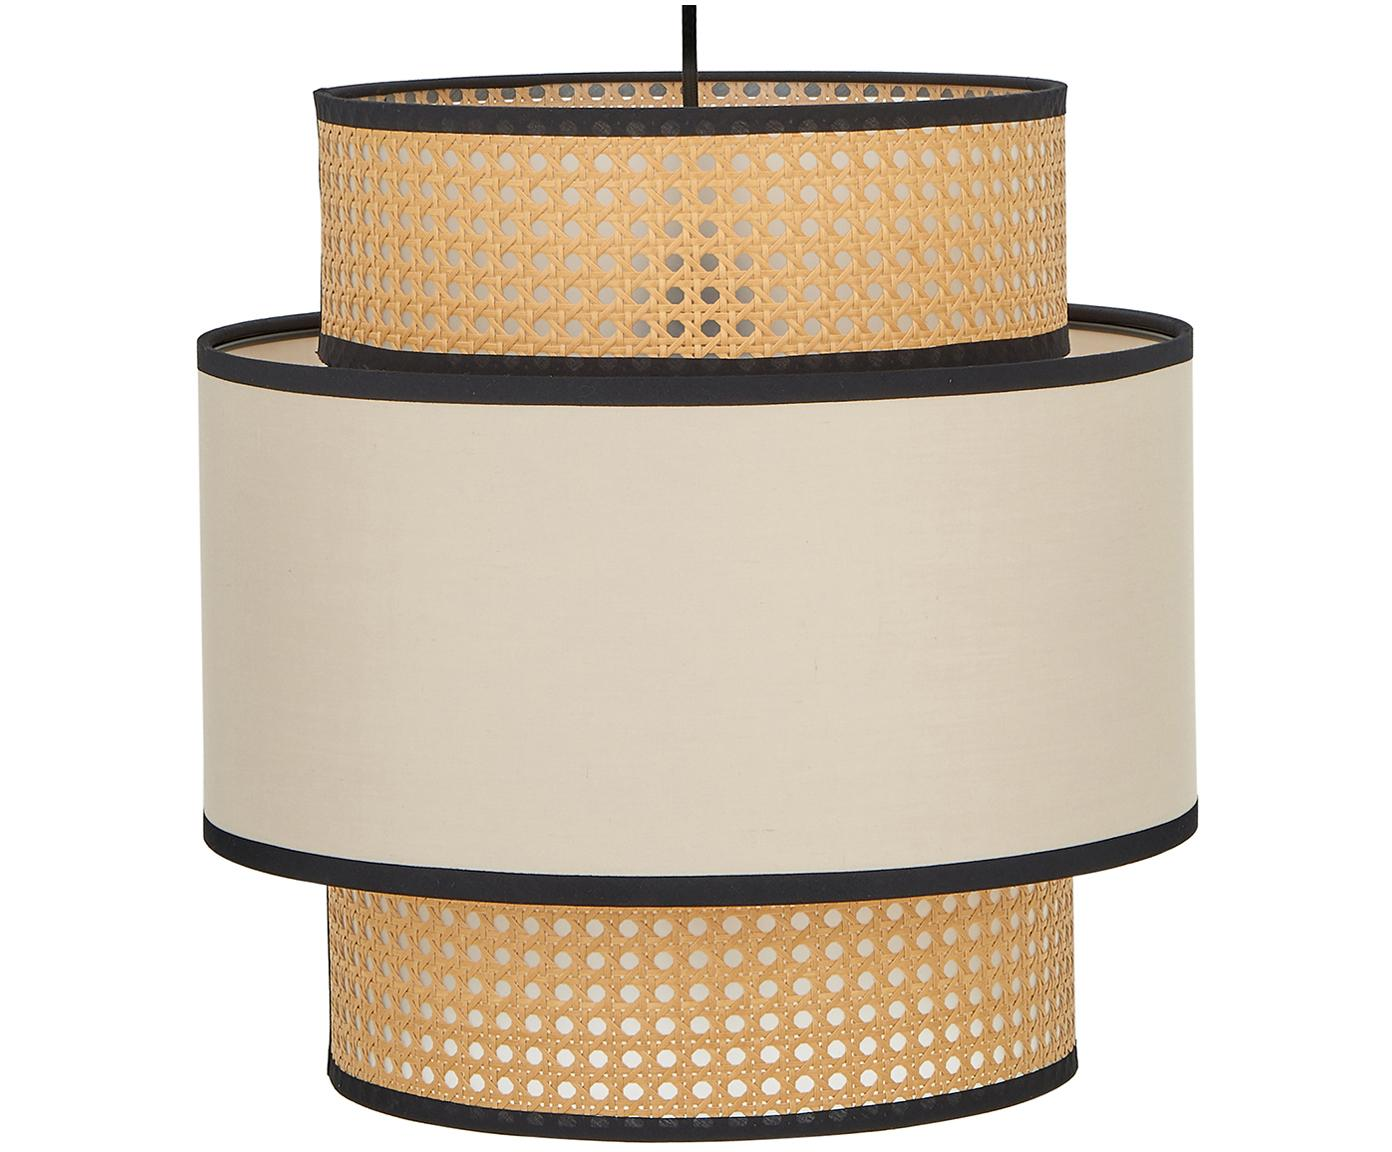 Lámpara de techo Vienna, Anclaje: metal con pintura en polv, Pantalla: mezcla de algodón, plásti, Cable: cubierto en tela, Beige, negro, crema, ? 40 x H 40 cm